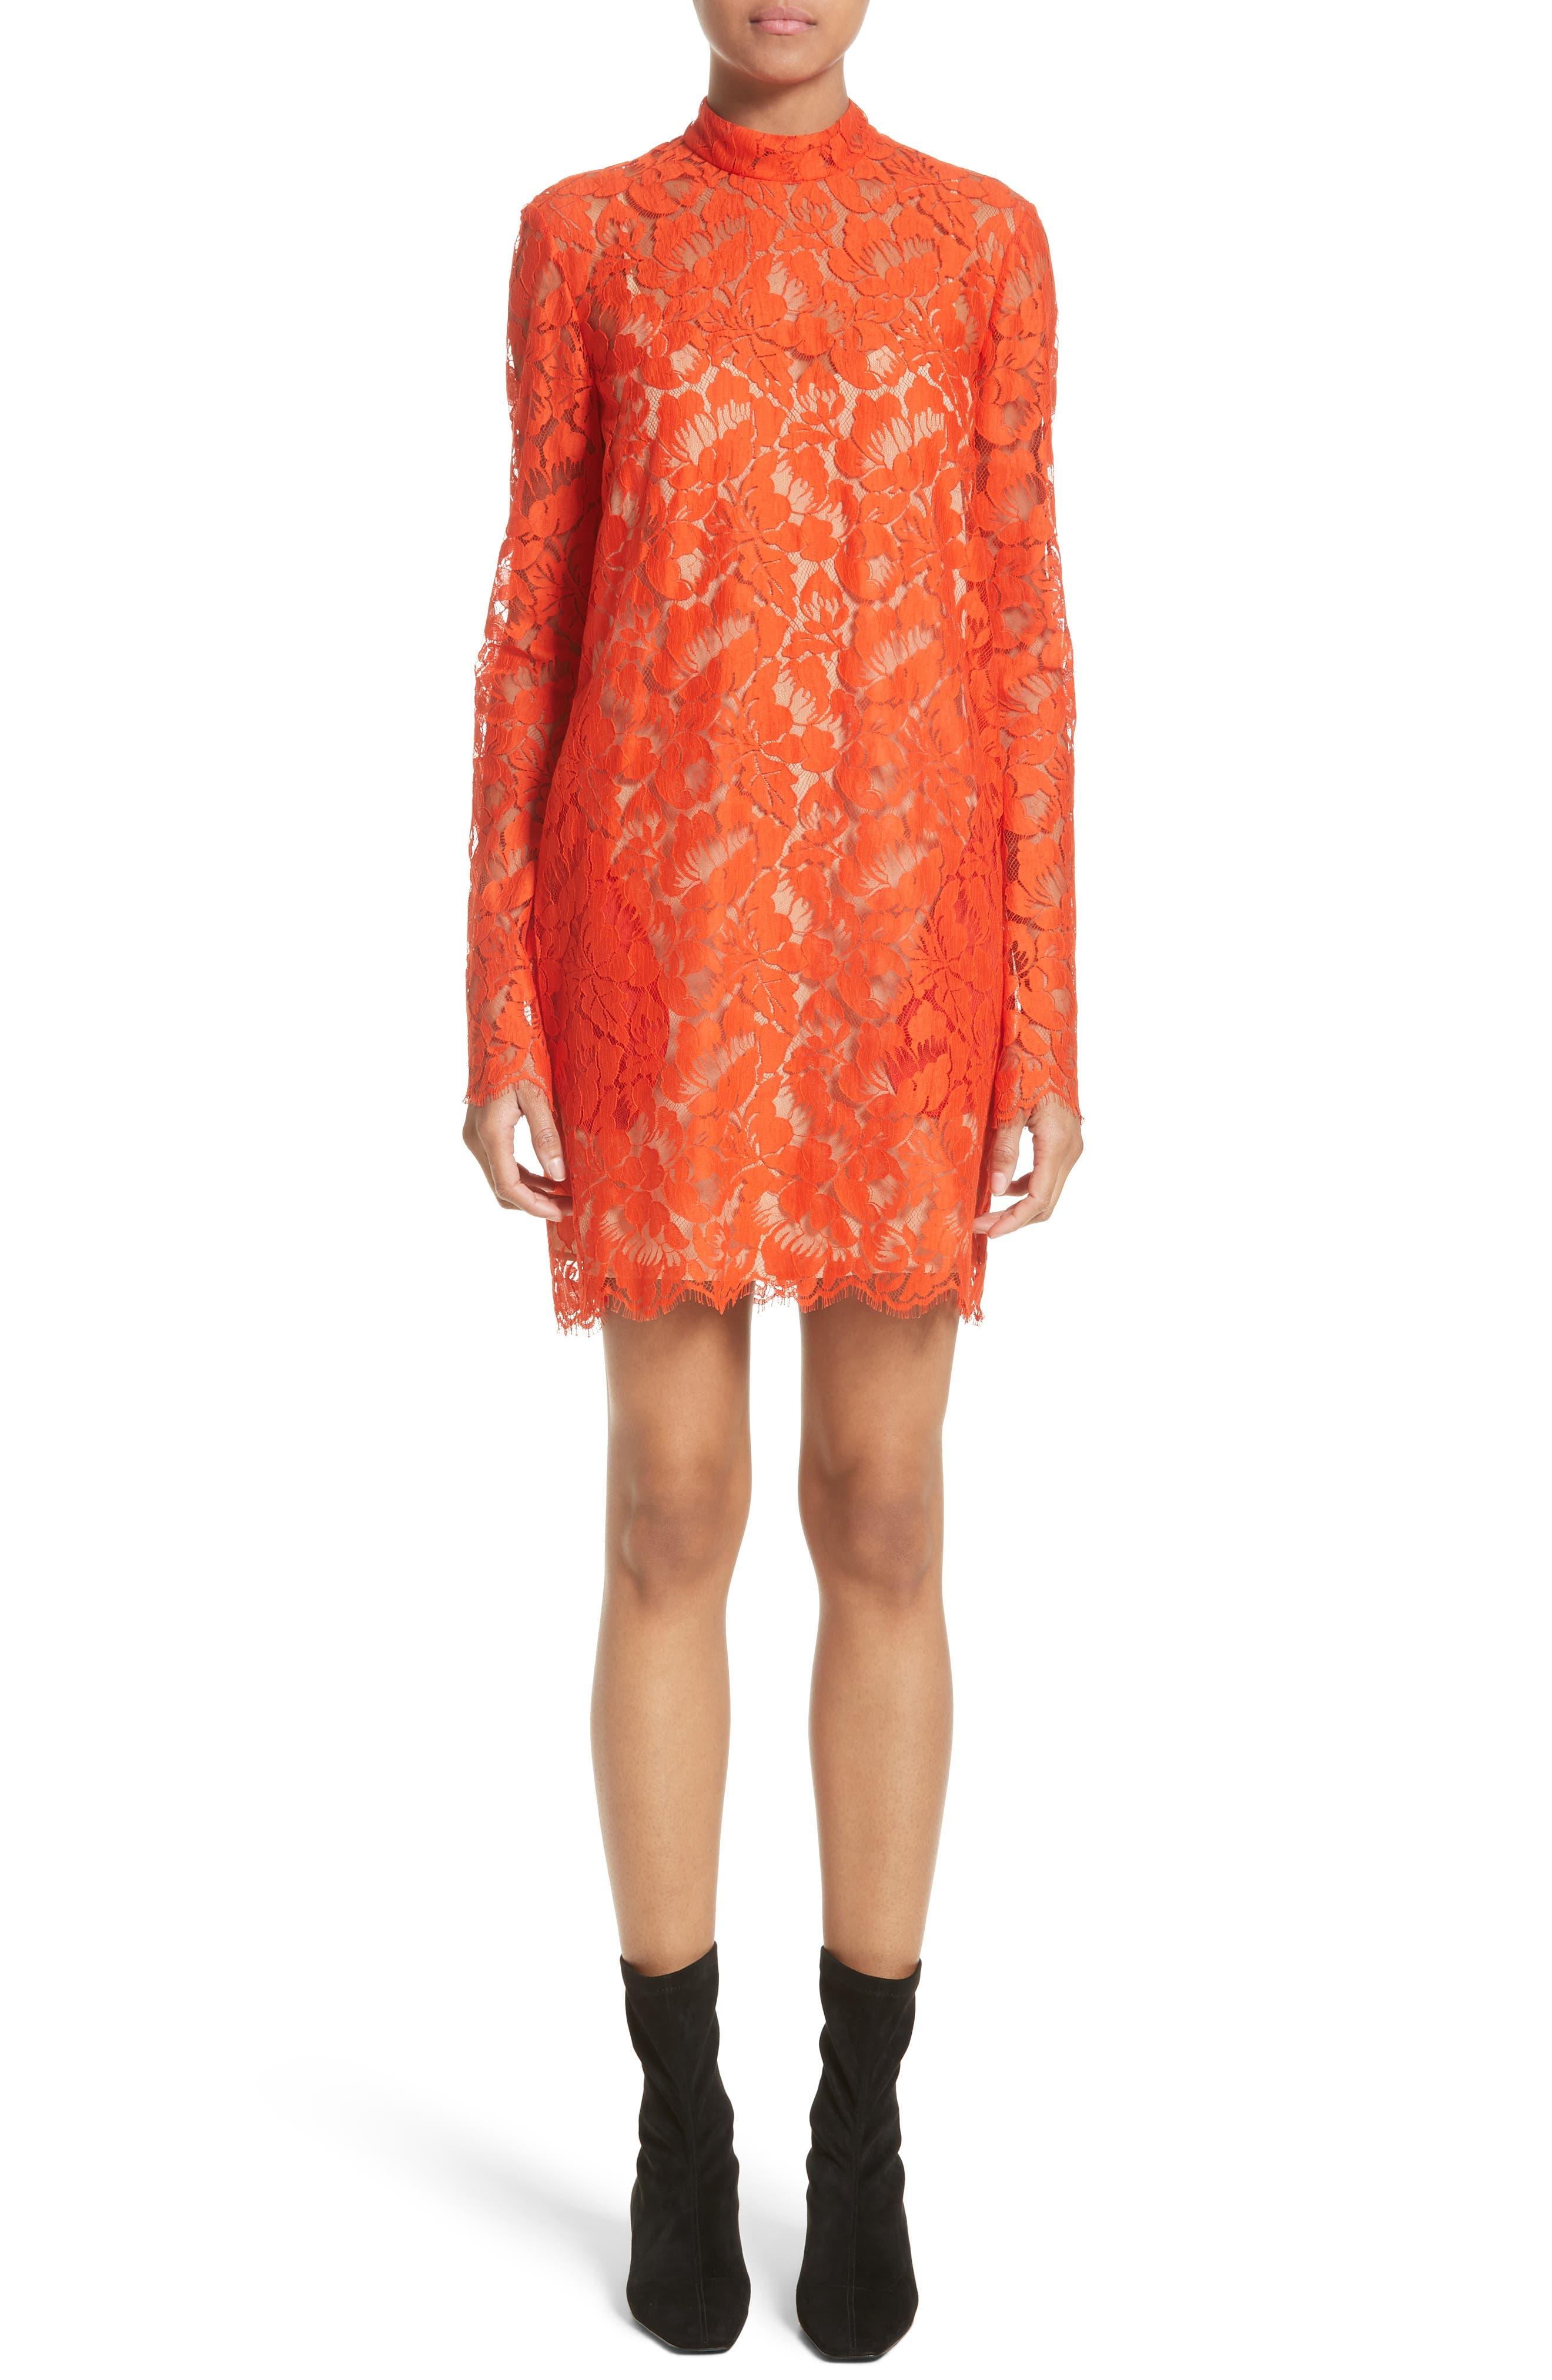 Stella McCartney Cayla Lace Minidress